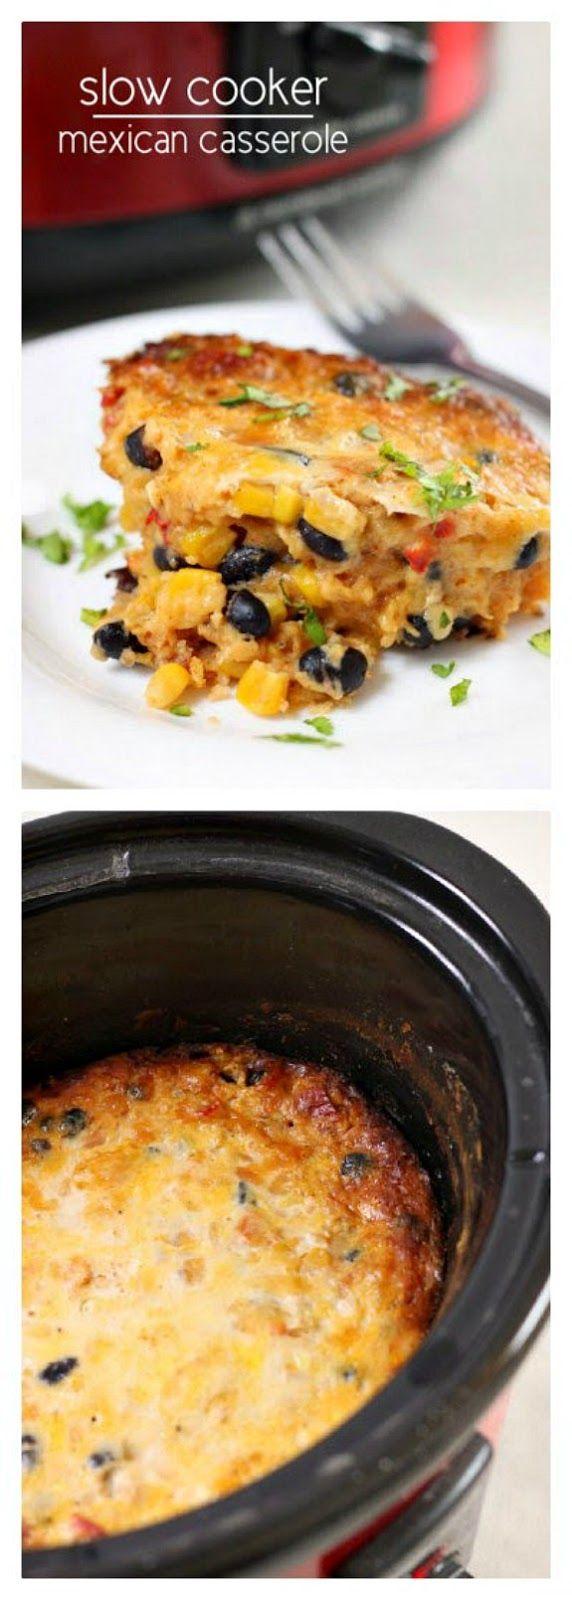 213 best images about best casserole crock recipes on pinterest. Black Bedroom Furniture Sets. Home Design Ideas